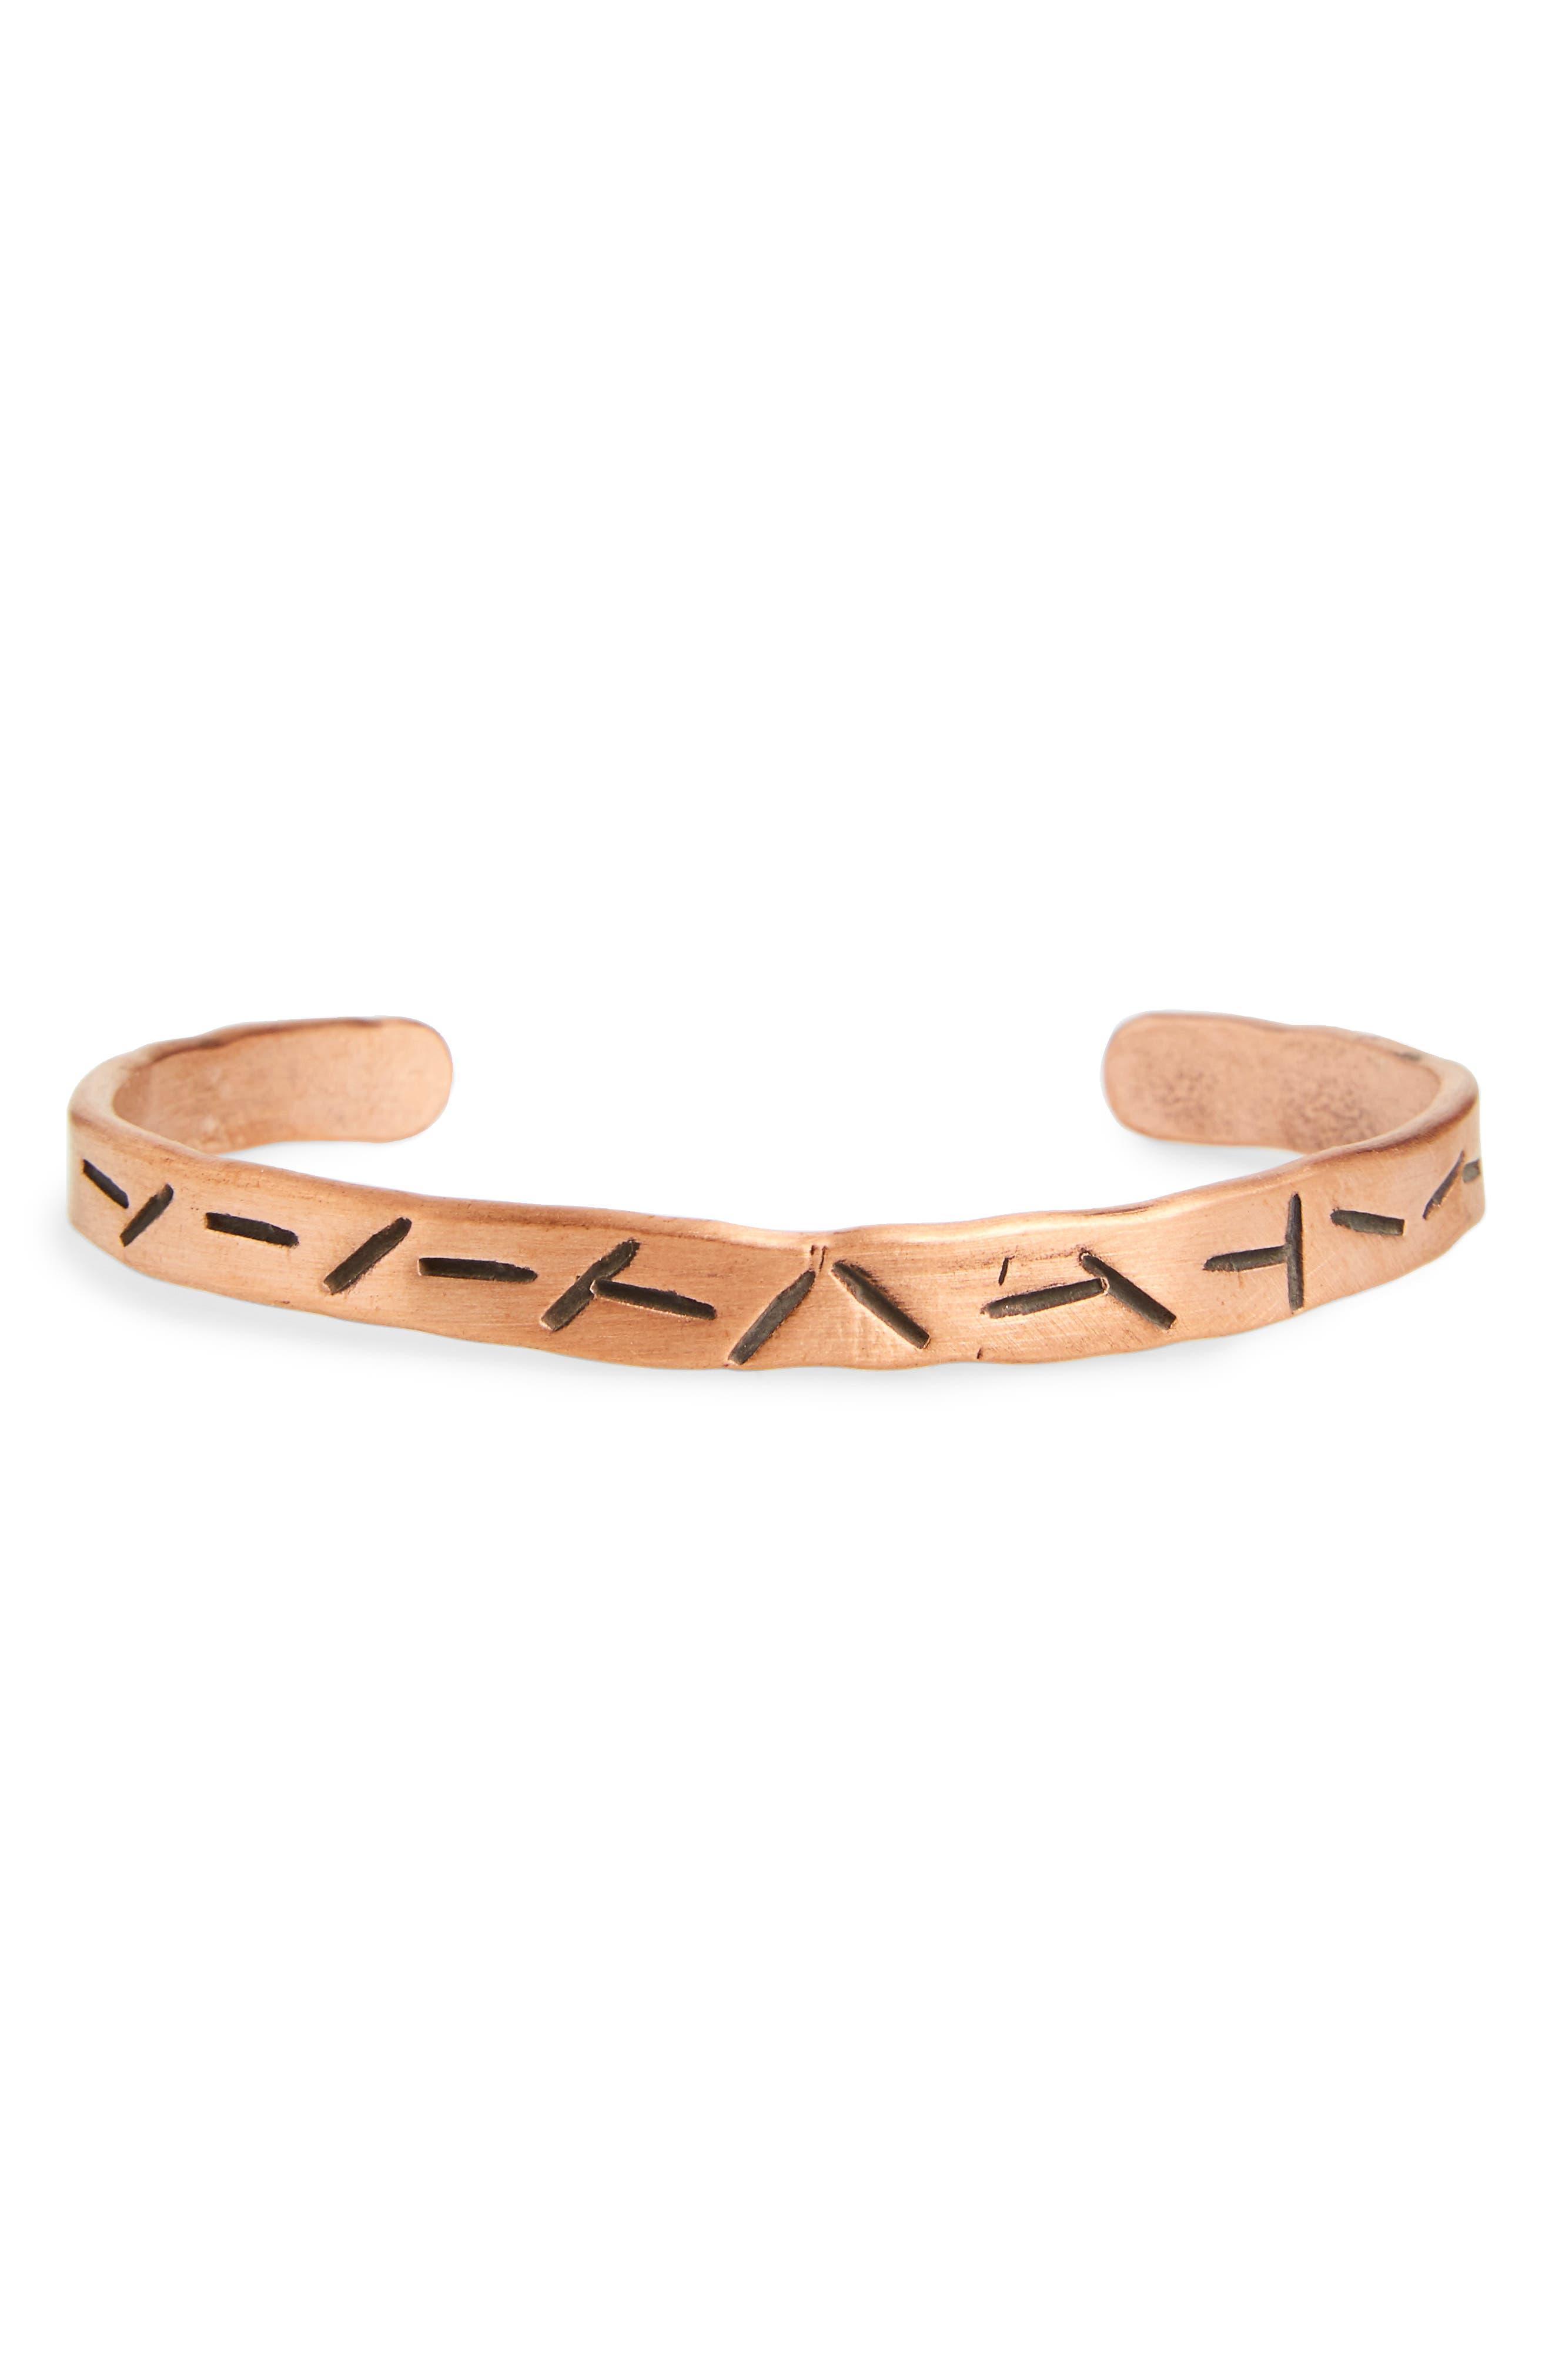 Cause & Effect Slash Copper Cuff Bracelet,                             Main thumbnail 1, color,